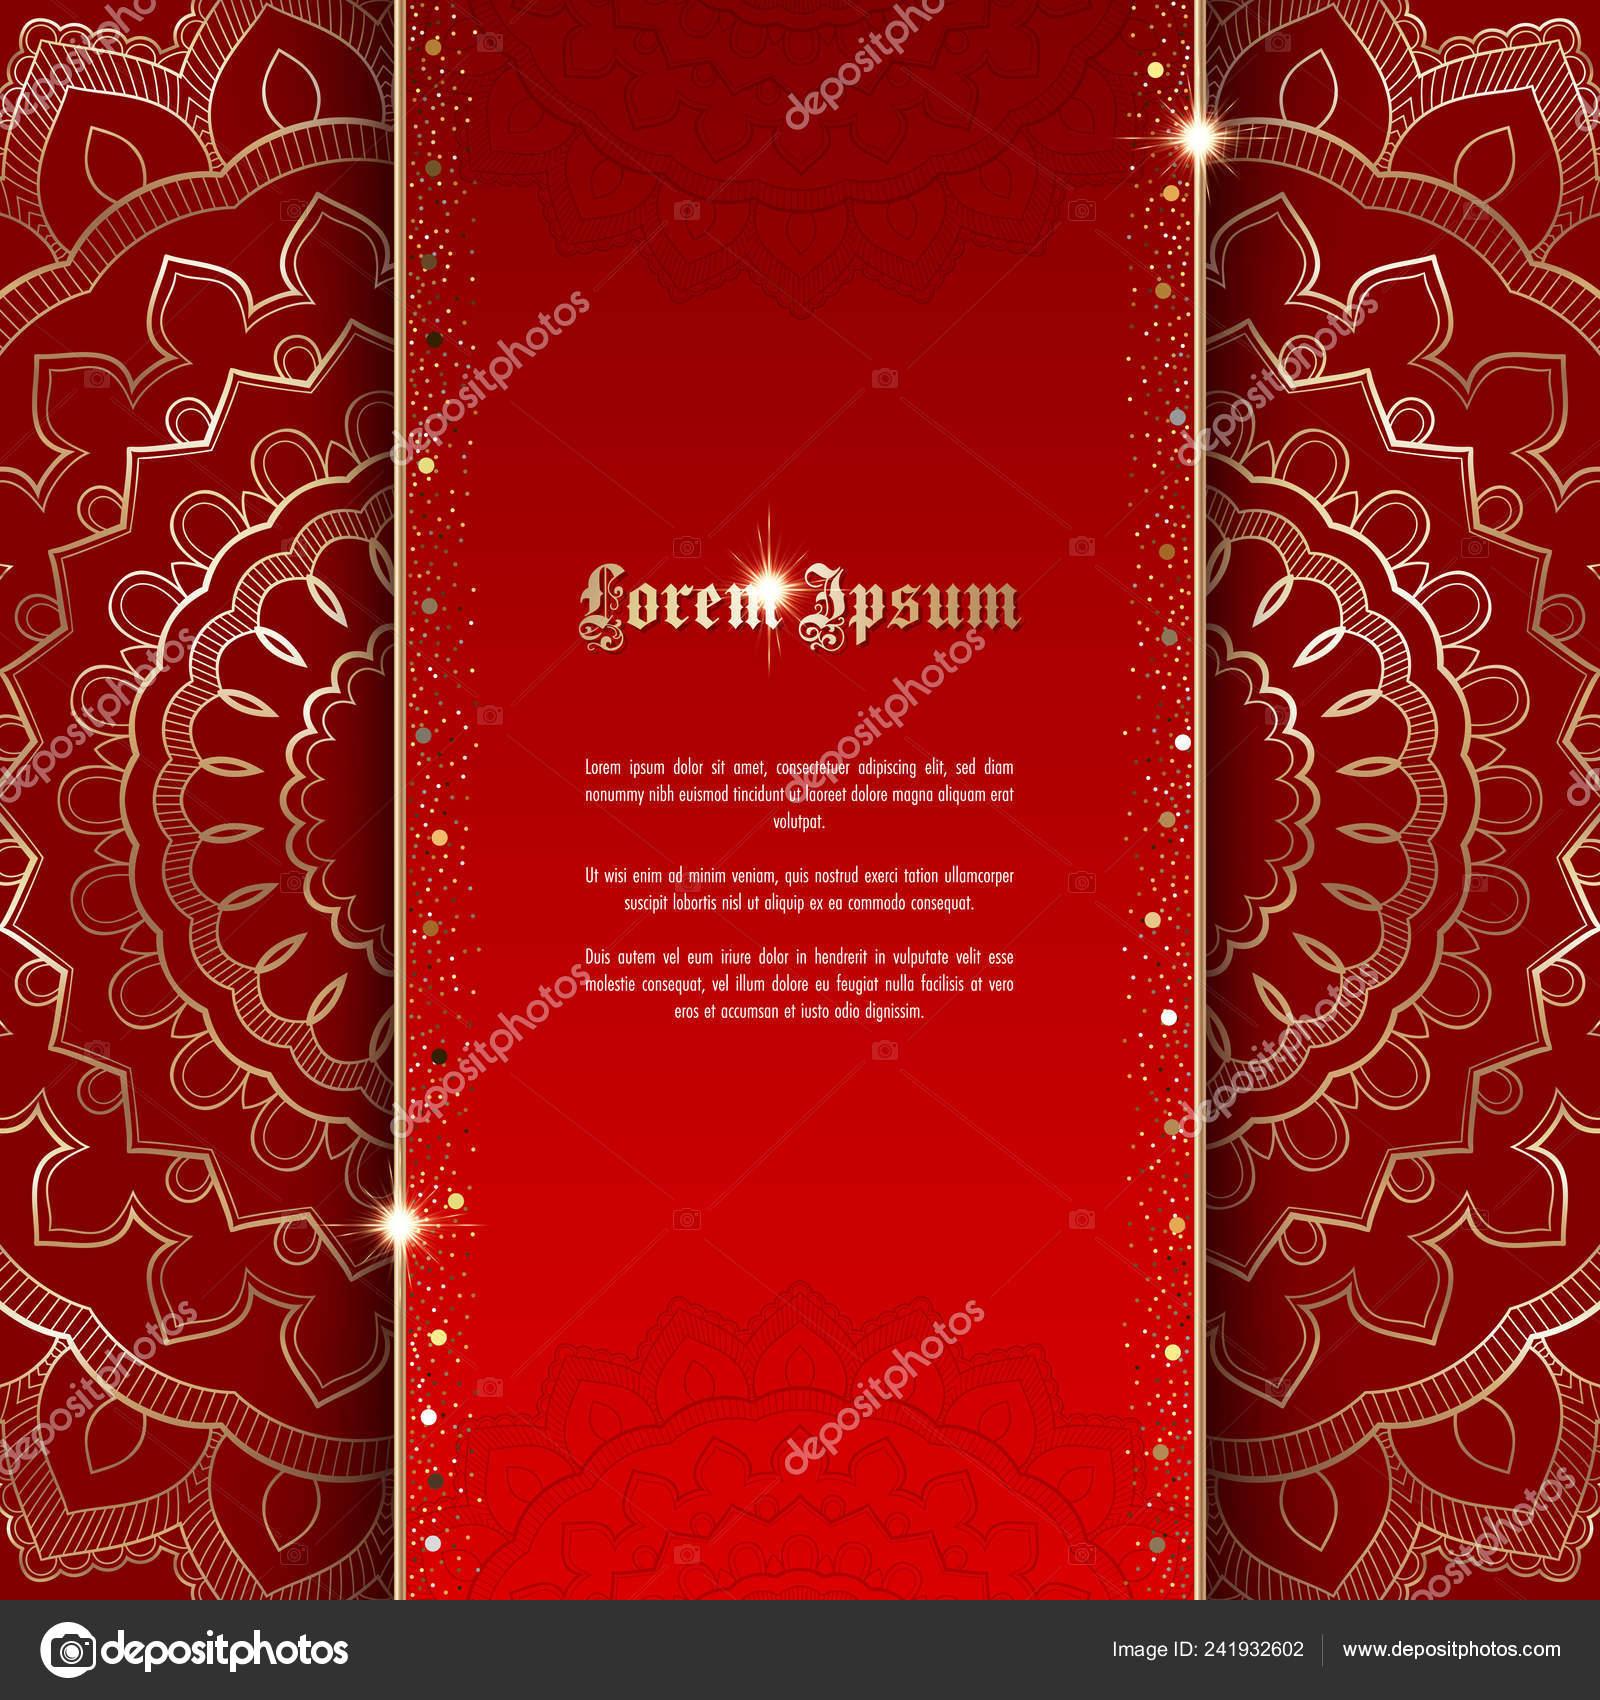 Tarjeta Felicitación Invitación Con Ornamento Oro Confeti